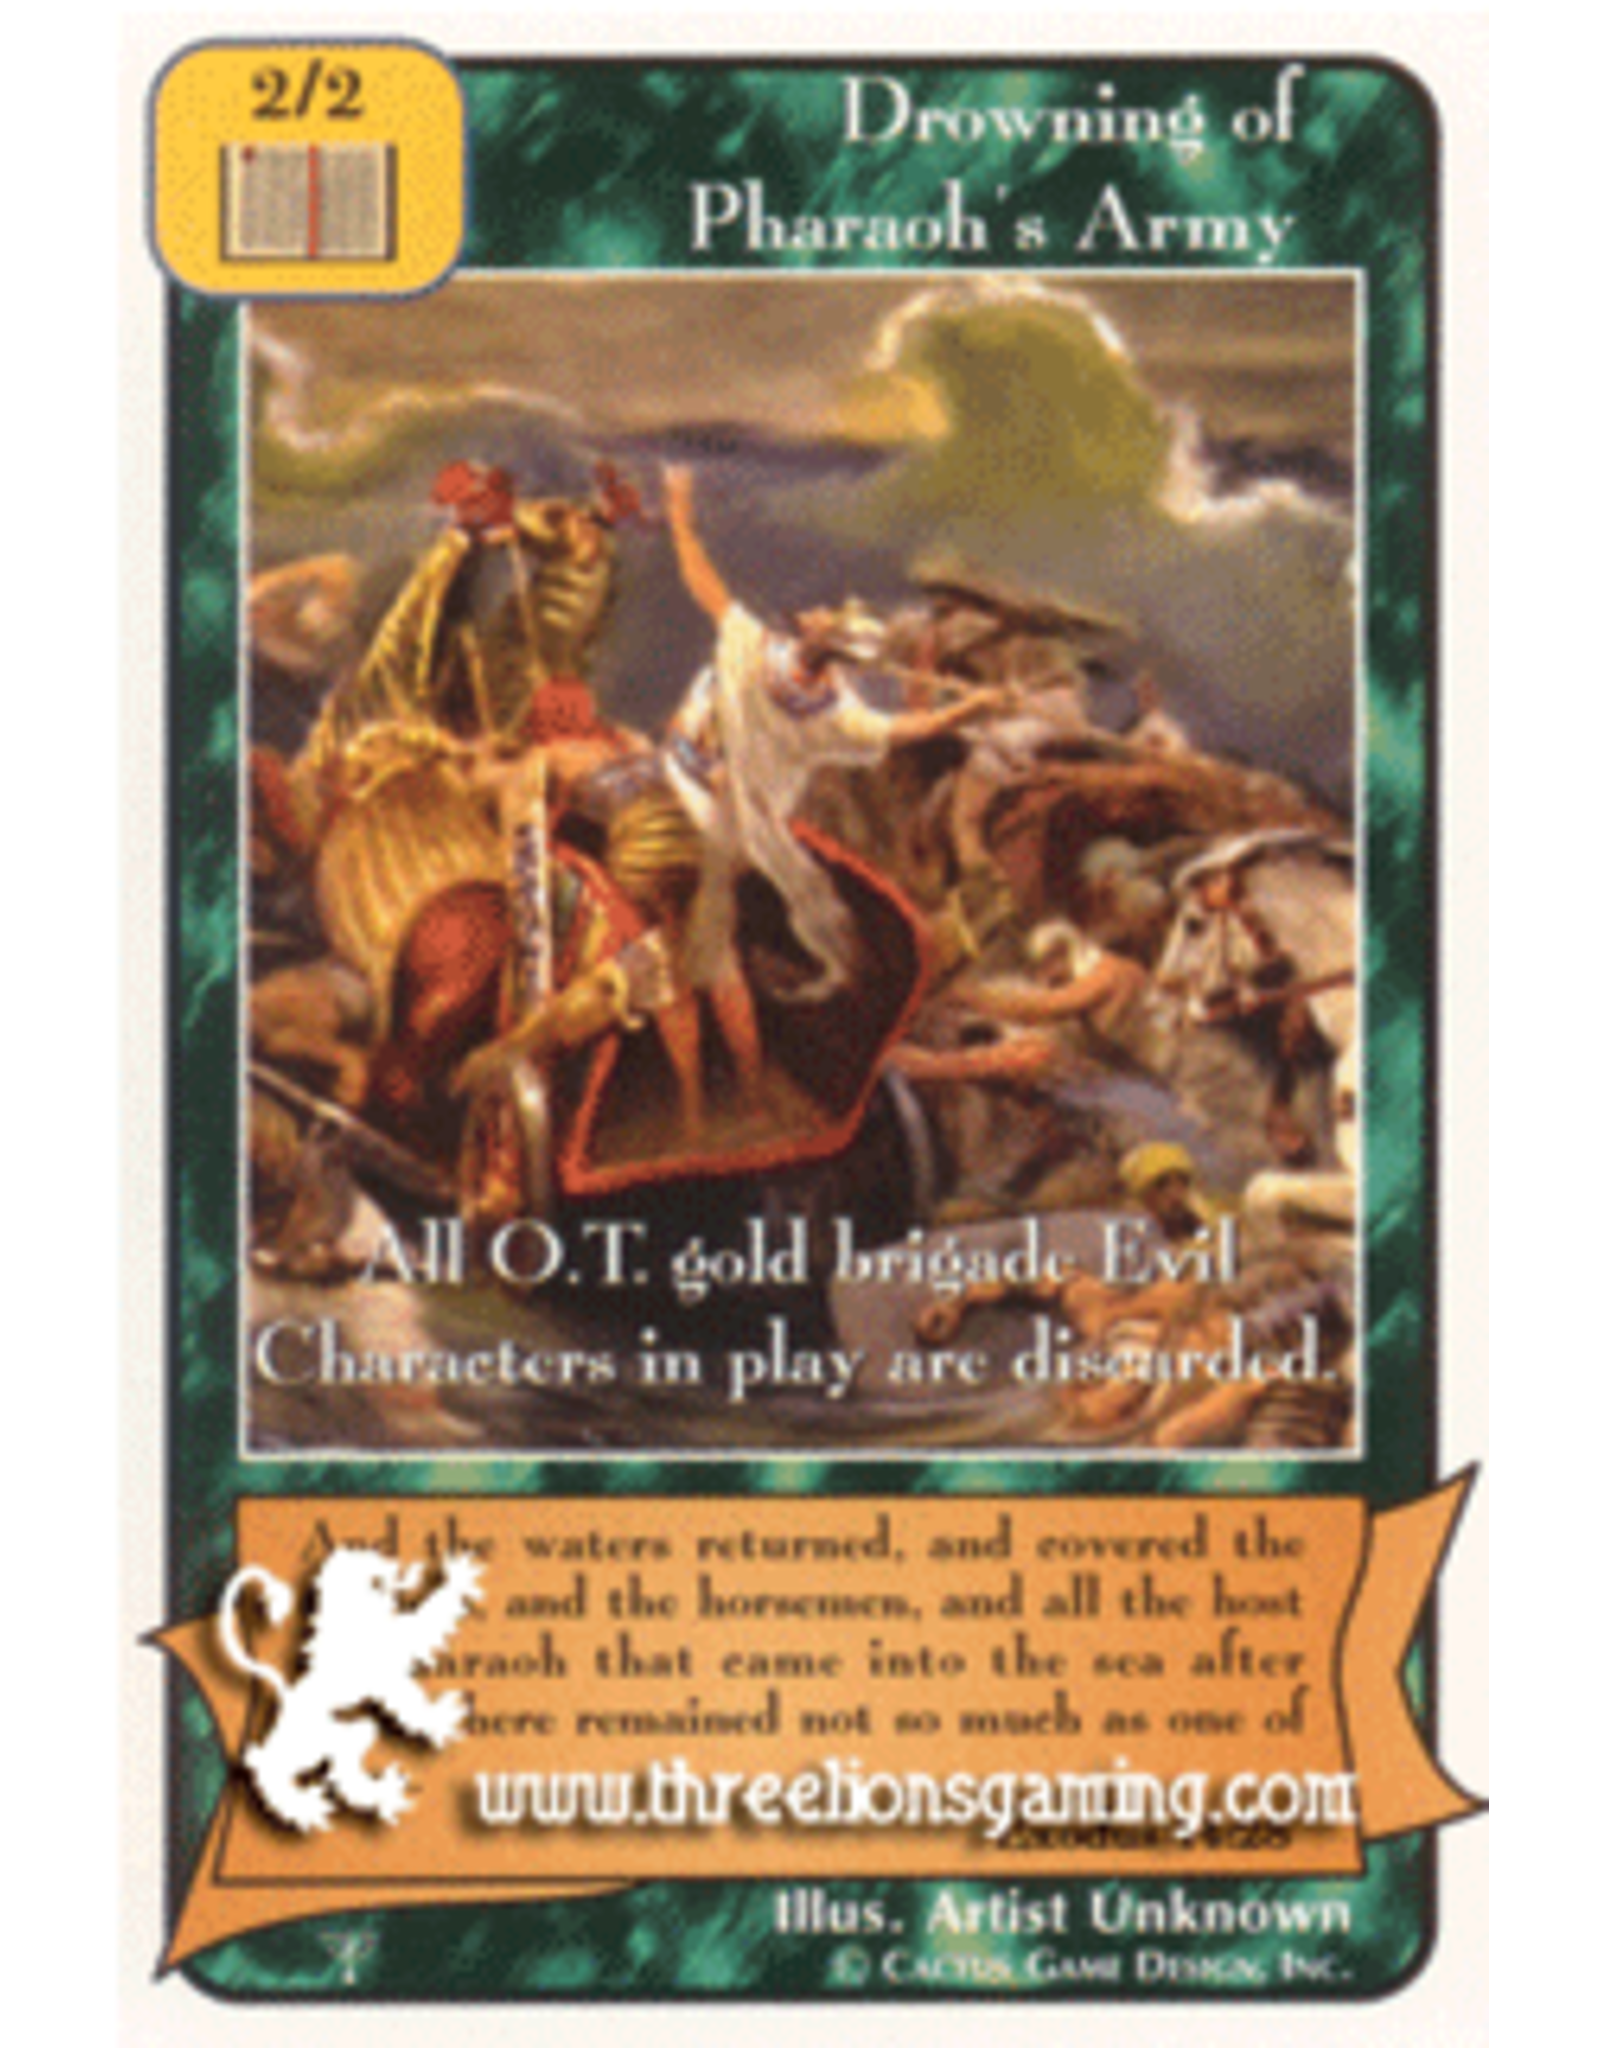 Pa: Drowning of Pharaoh's Army